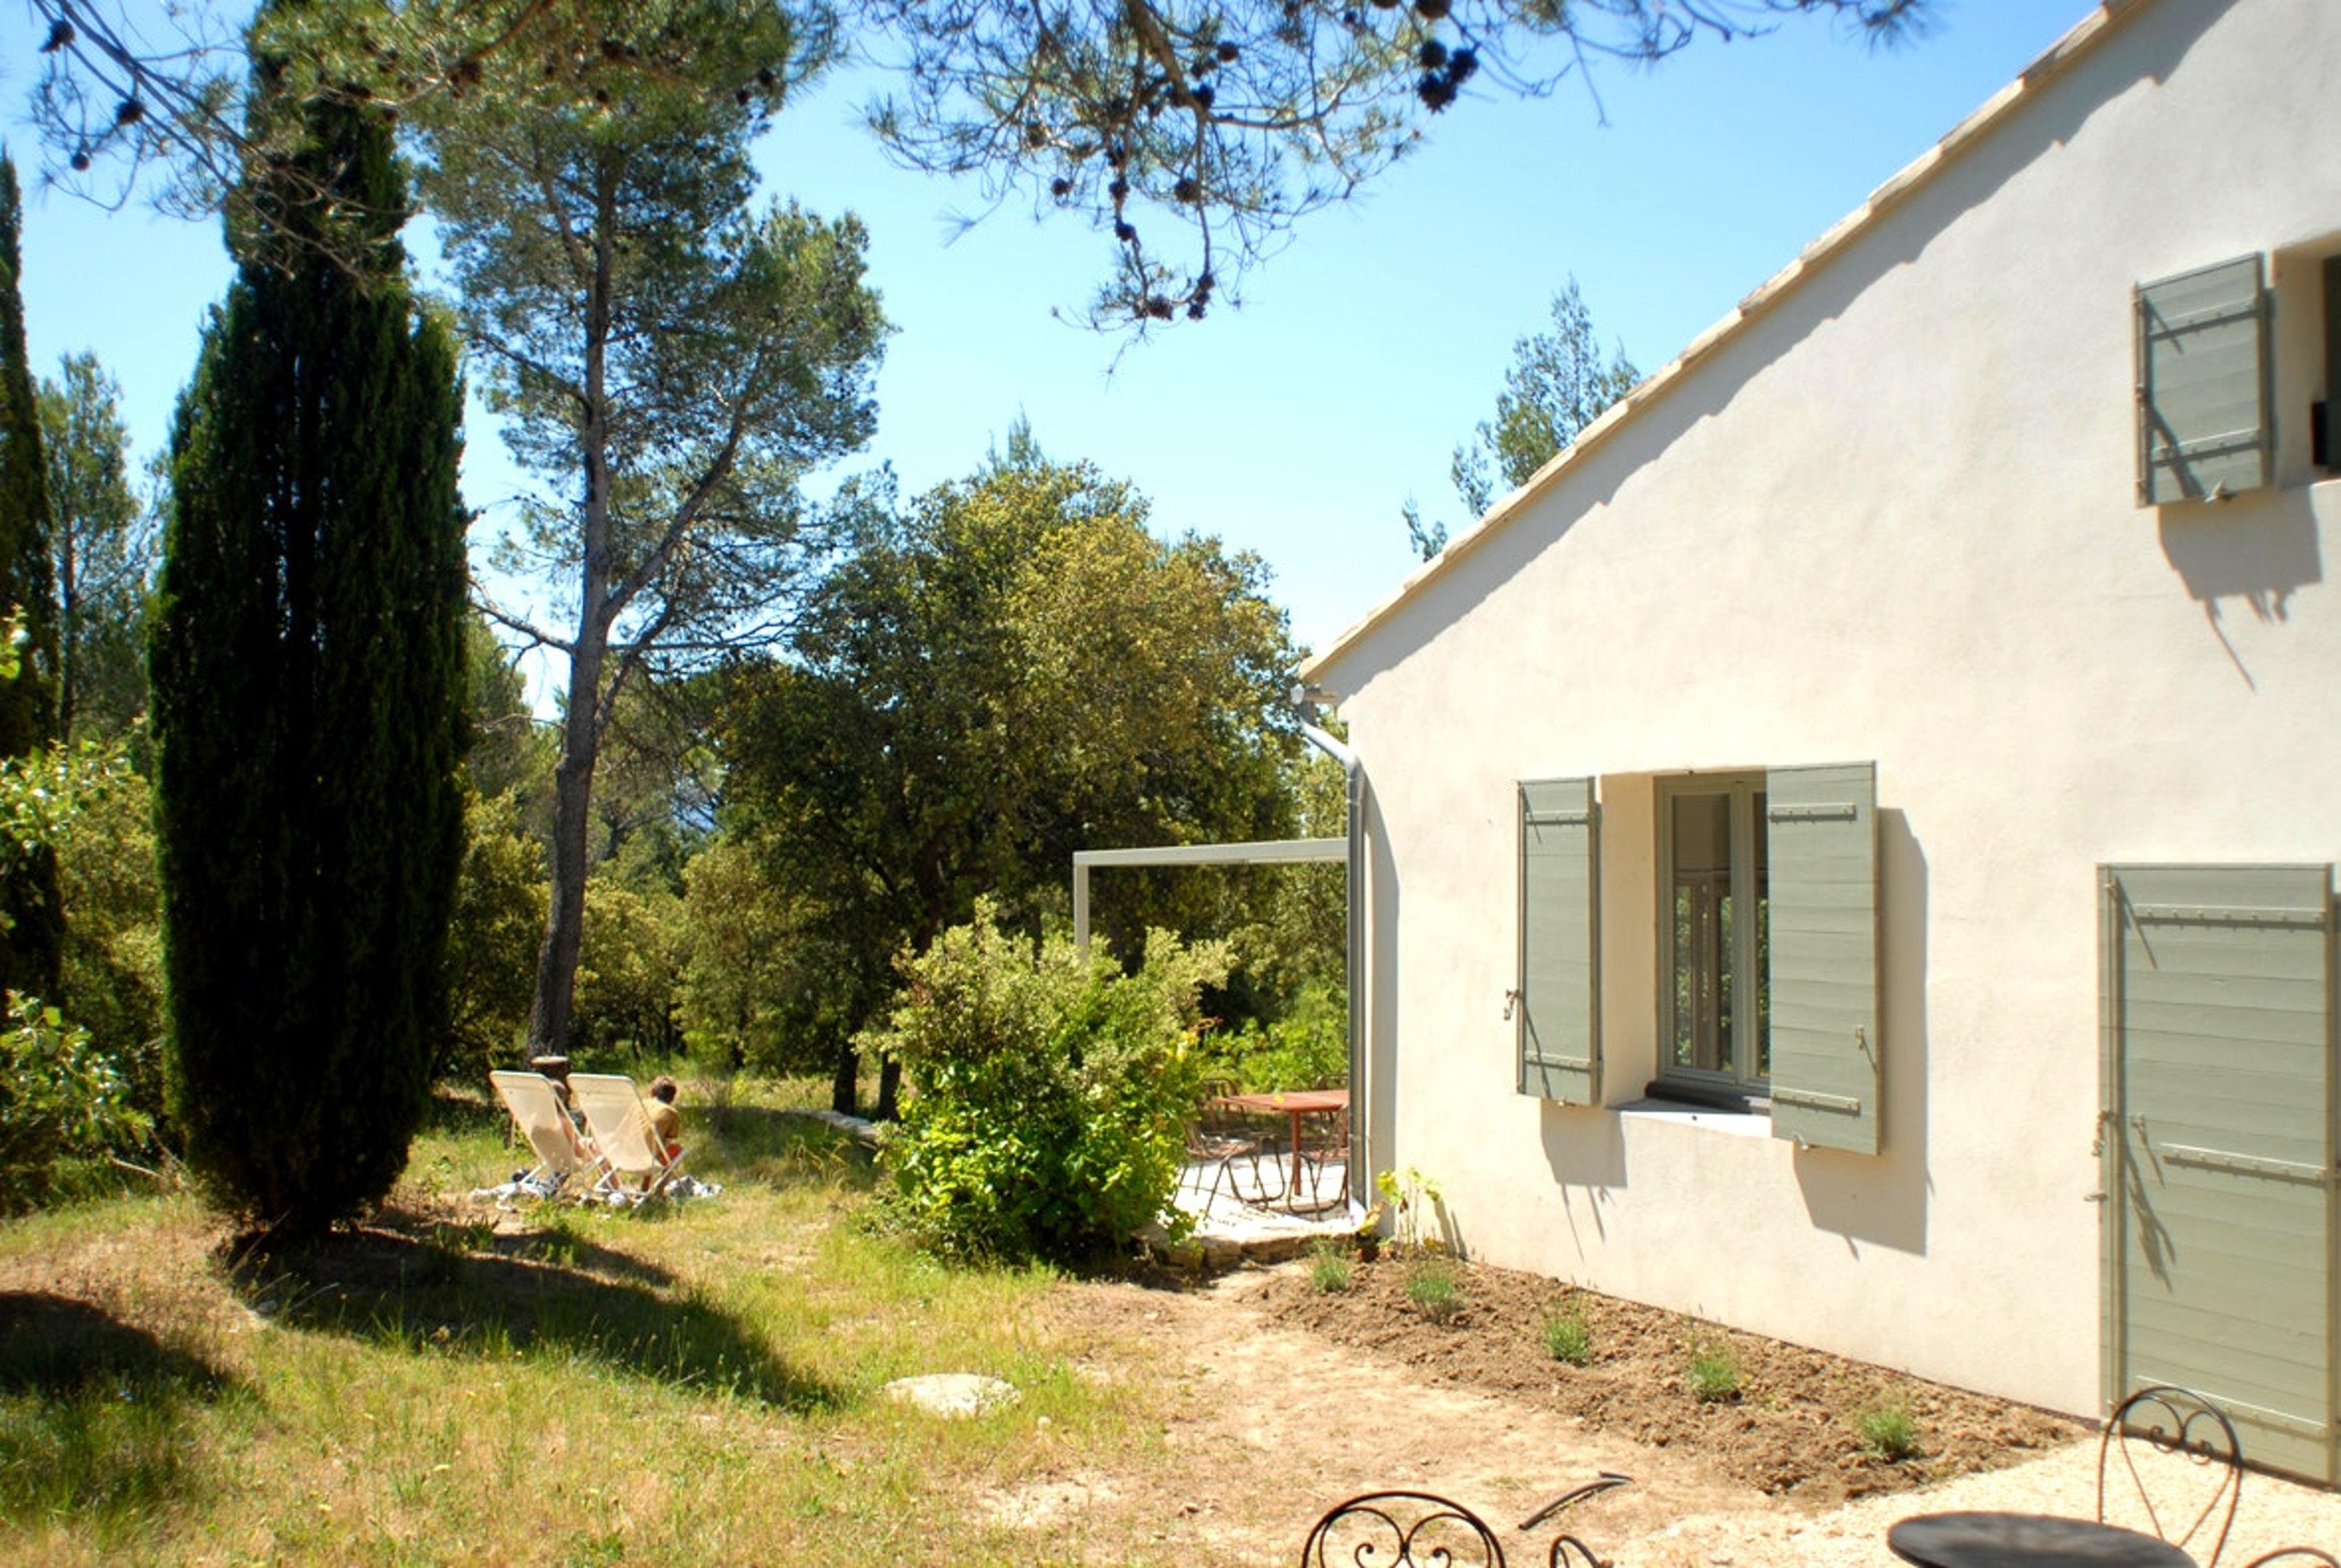 Maison de vacances Villa mit 5 Schlafzimmern in L'Isle-sur-la-Sorgue mit privatem Pool, eingezäuntem Garten u (2202725), L'Isle sur la Sorgue, Vaucluse, Provence - Alpes - Côte d'Azur, France, image 13